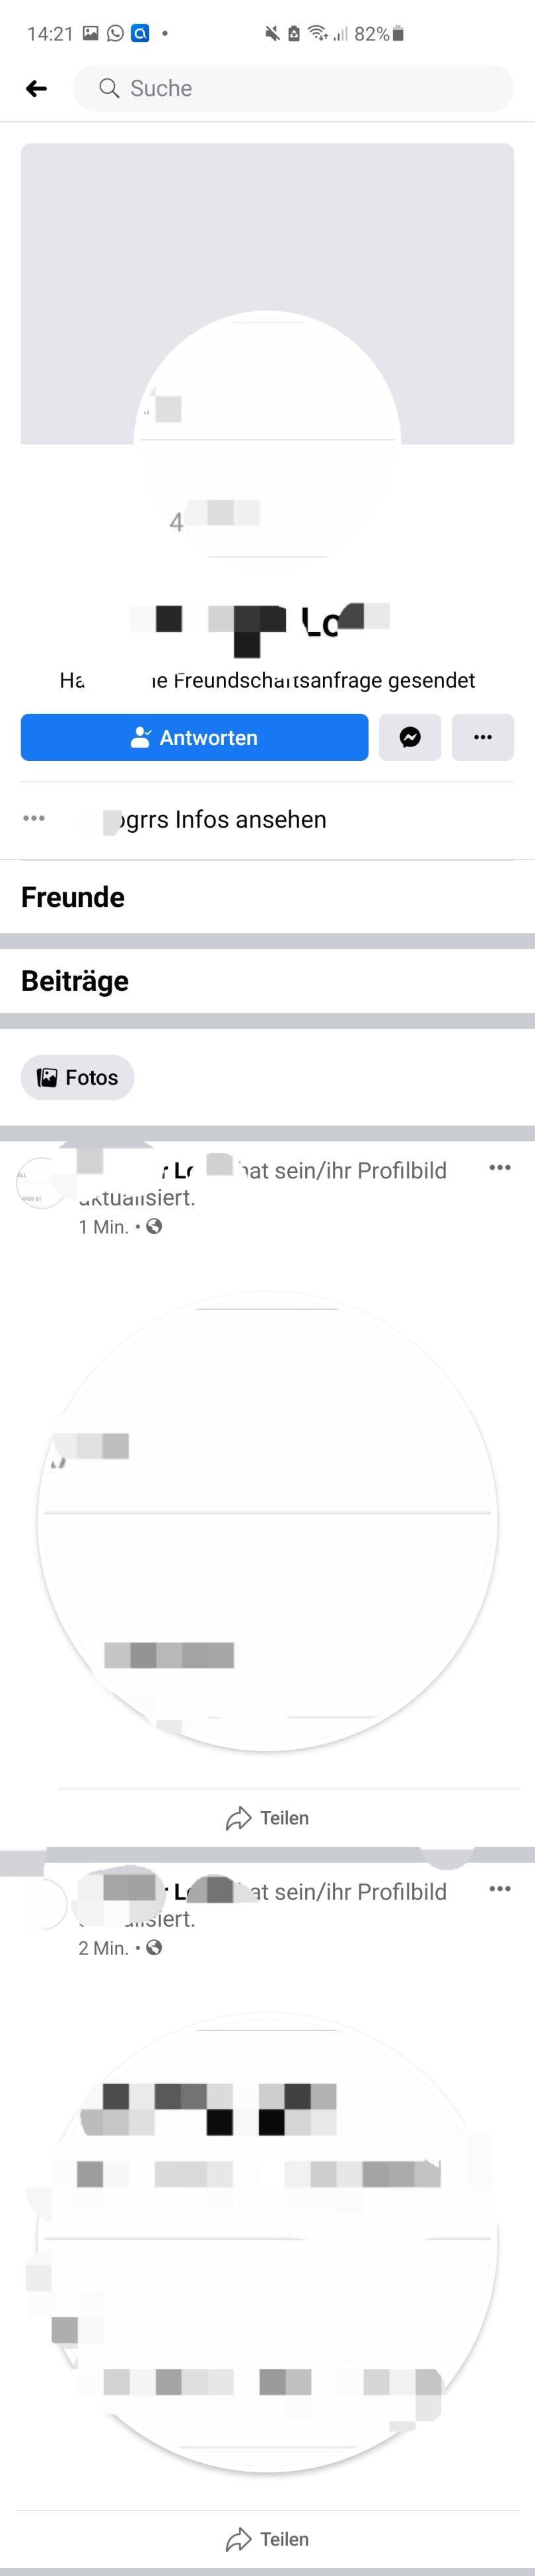 Fake Kontodaten